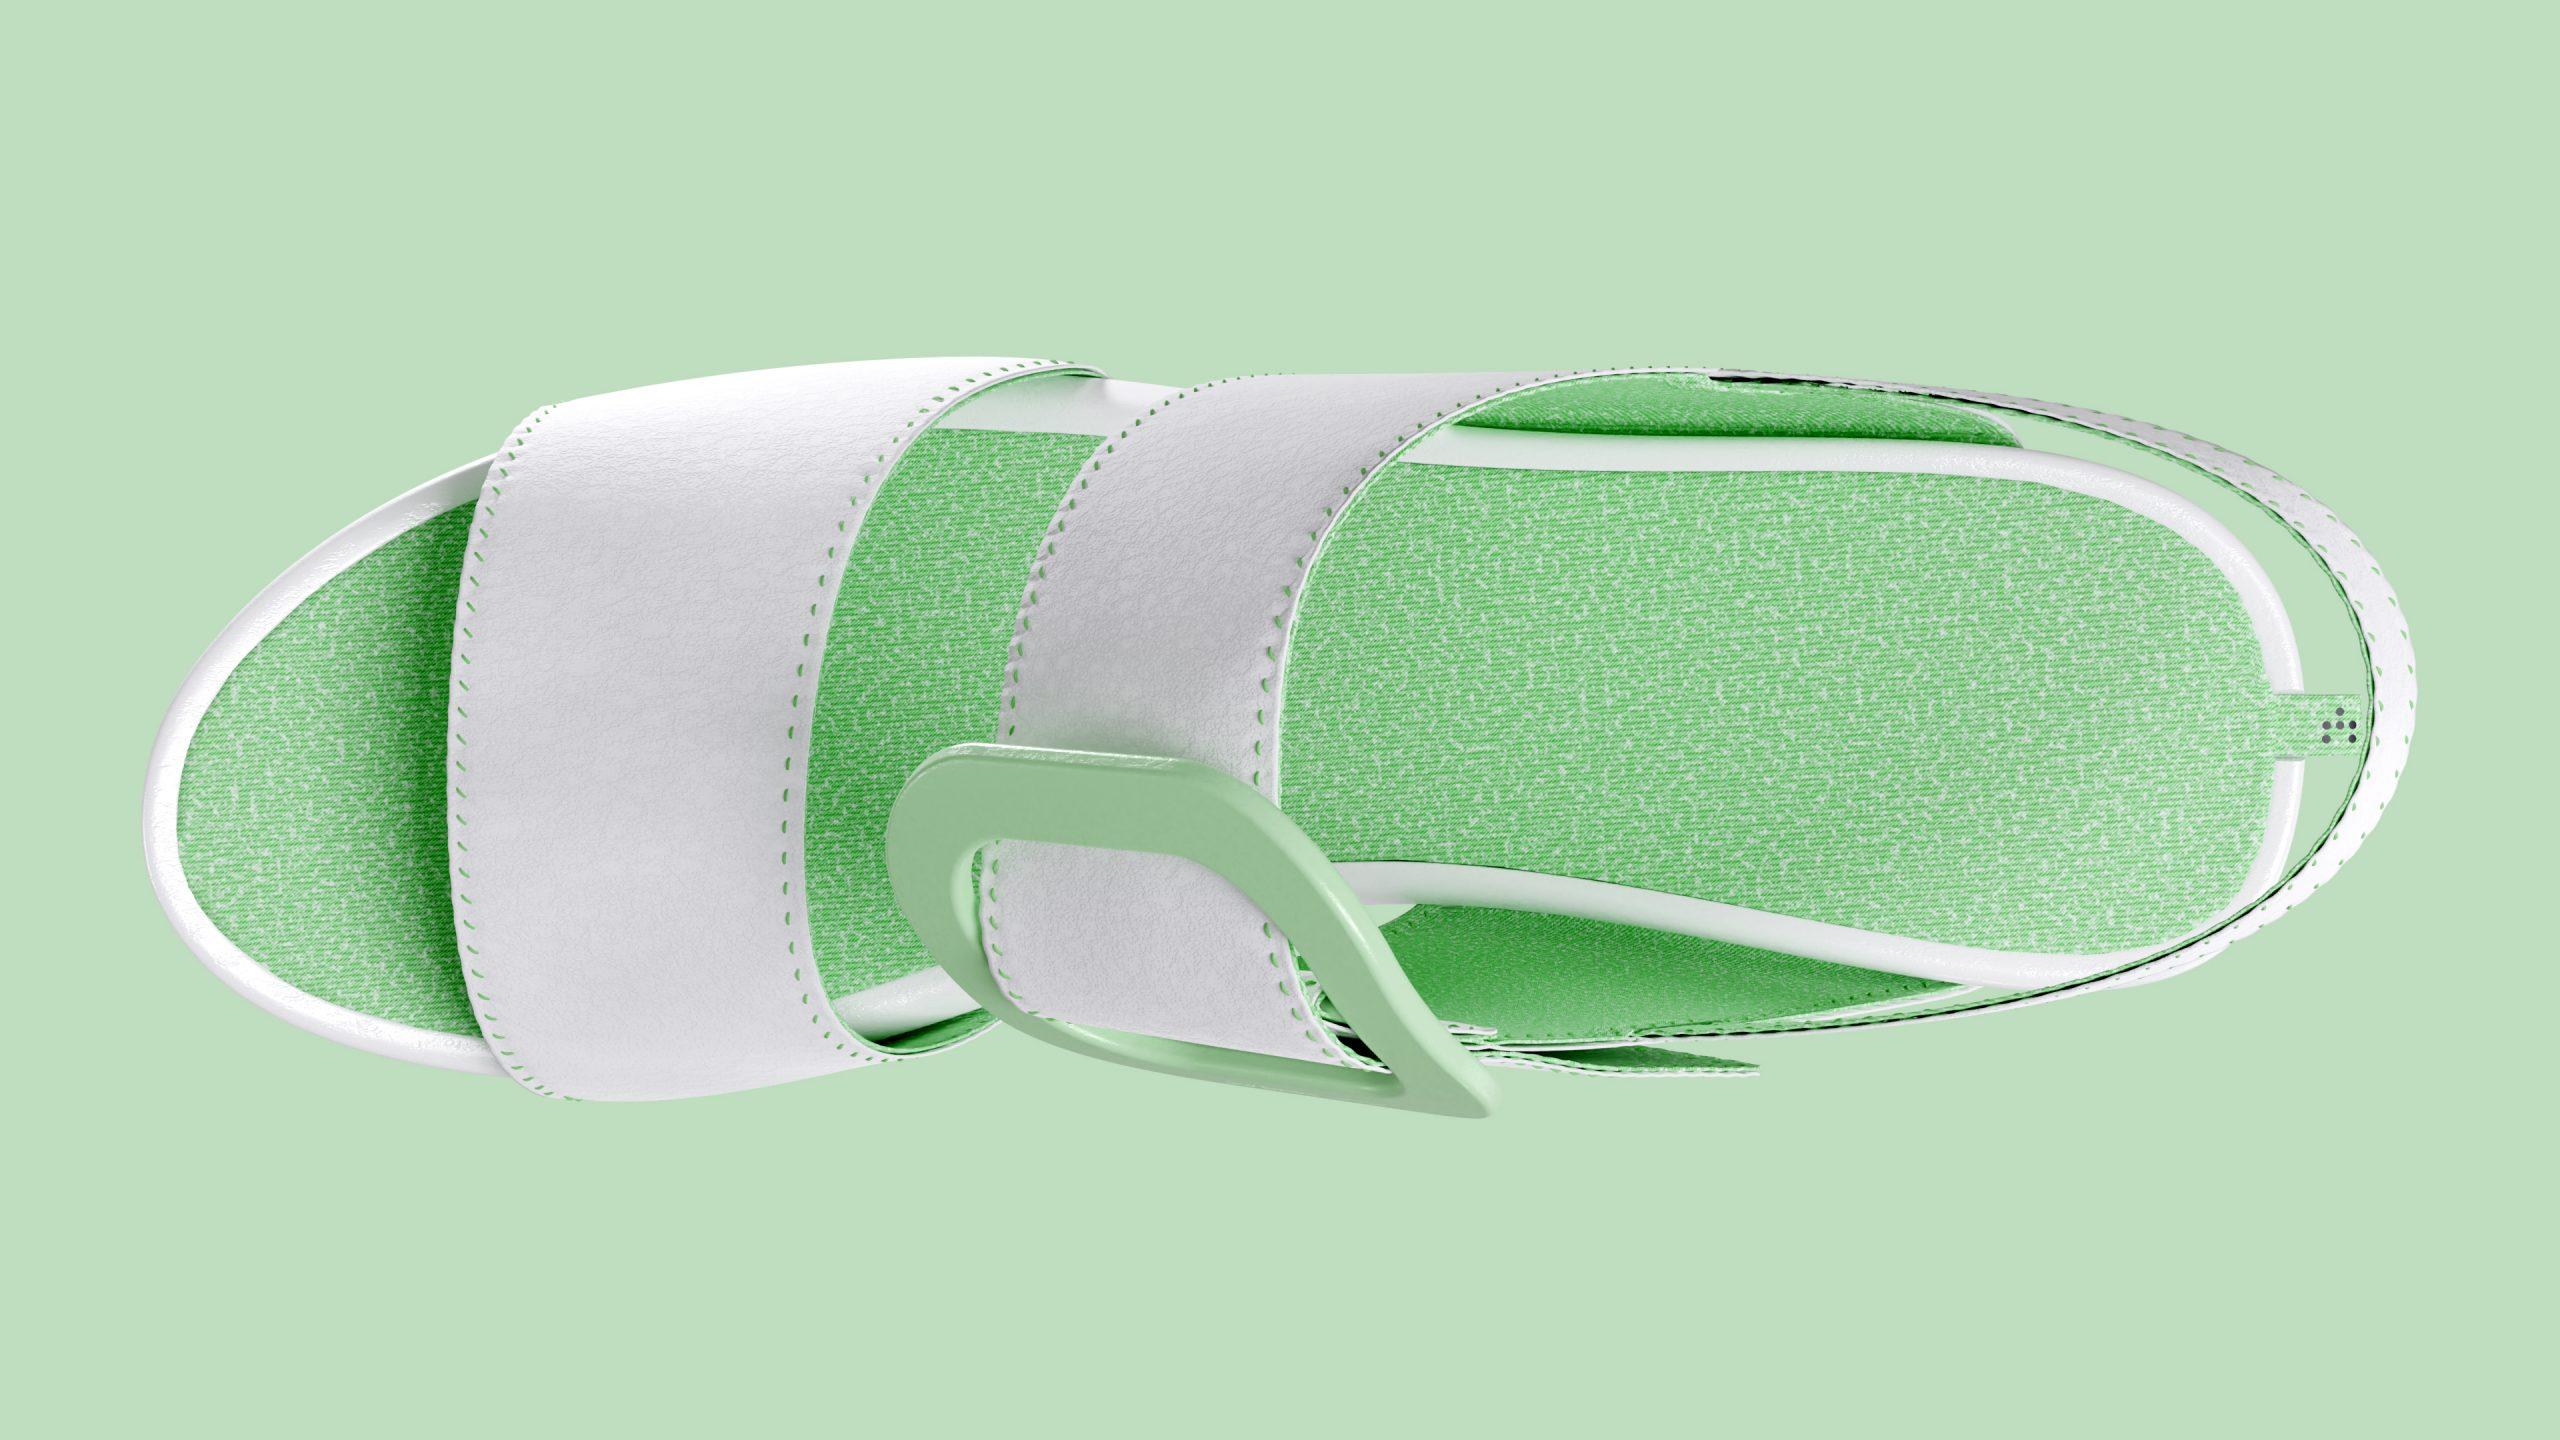 dreiformstudio white concept wedge sandals on green background, topview